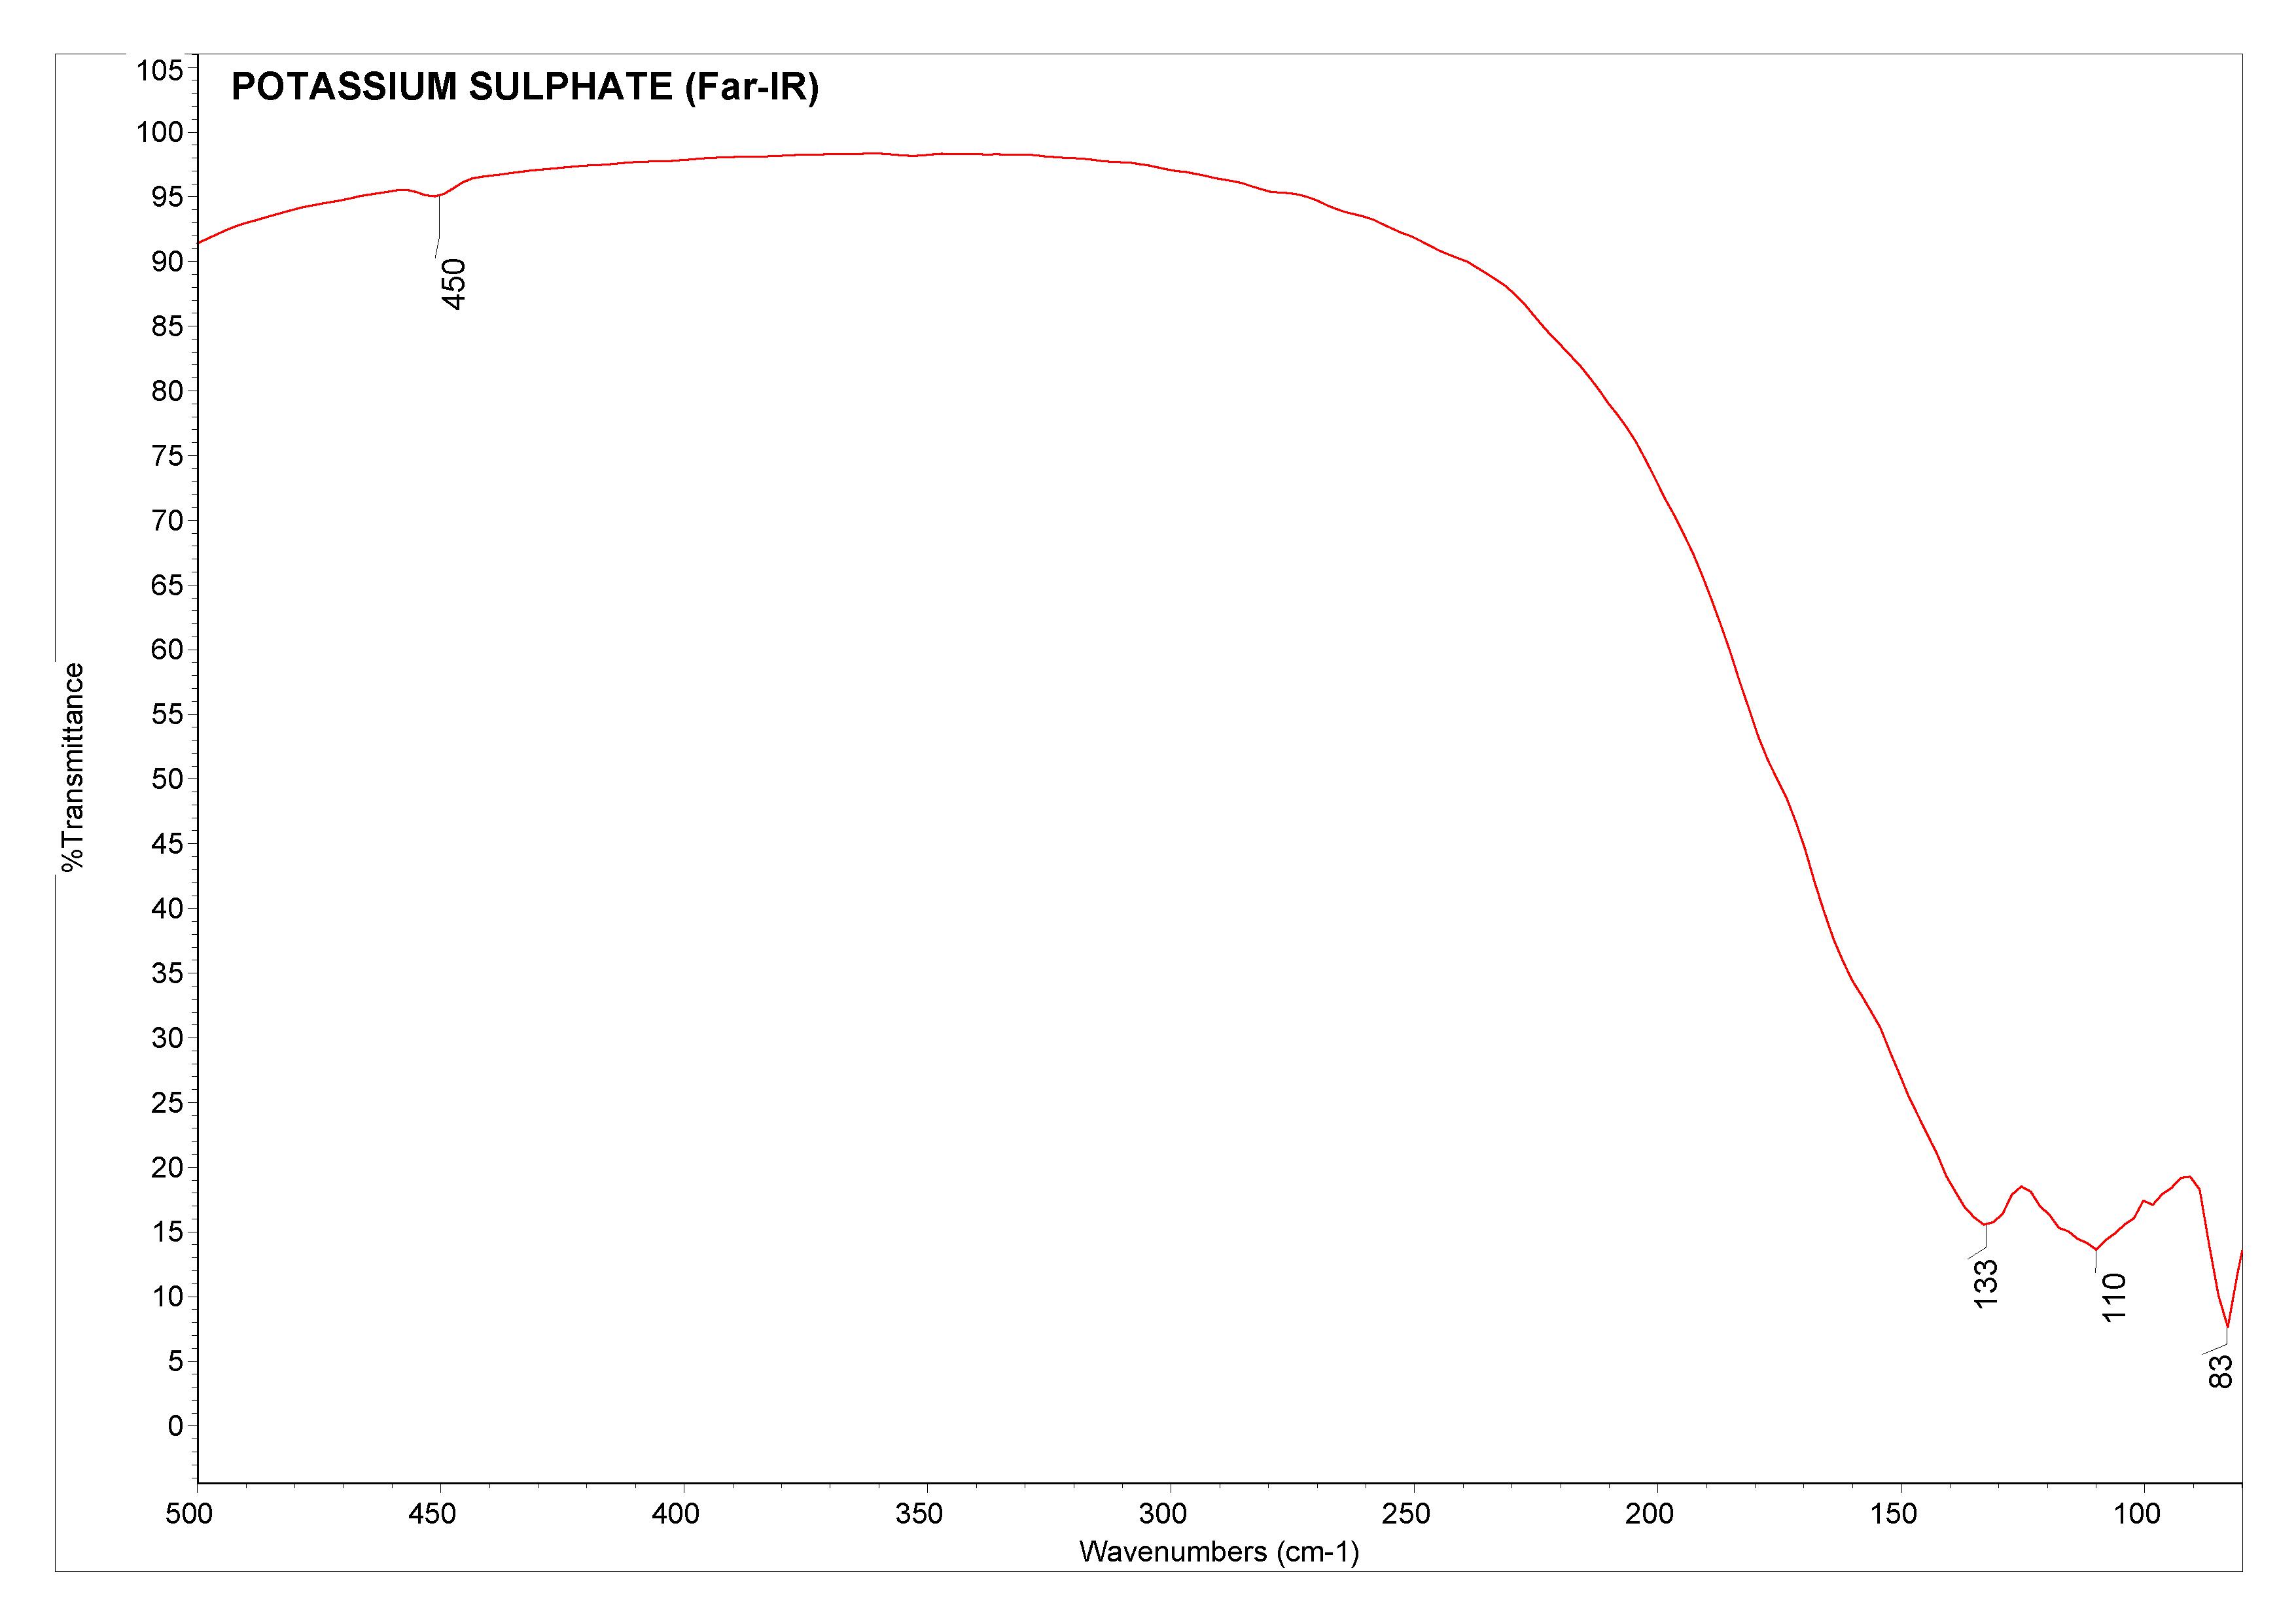 Potassium sulphate (Far-IR)